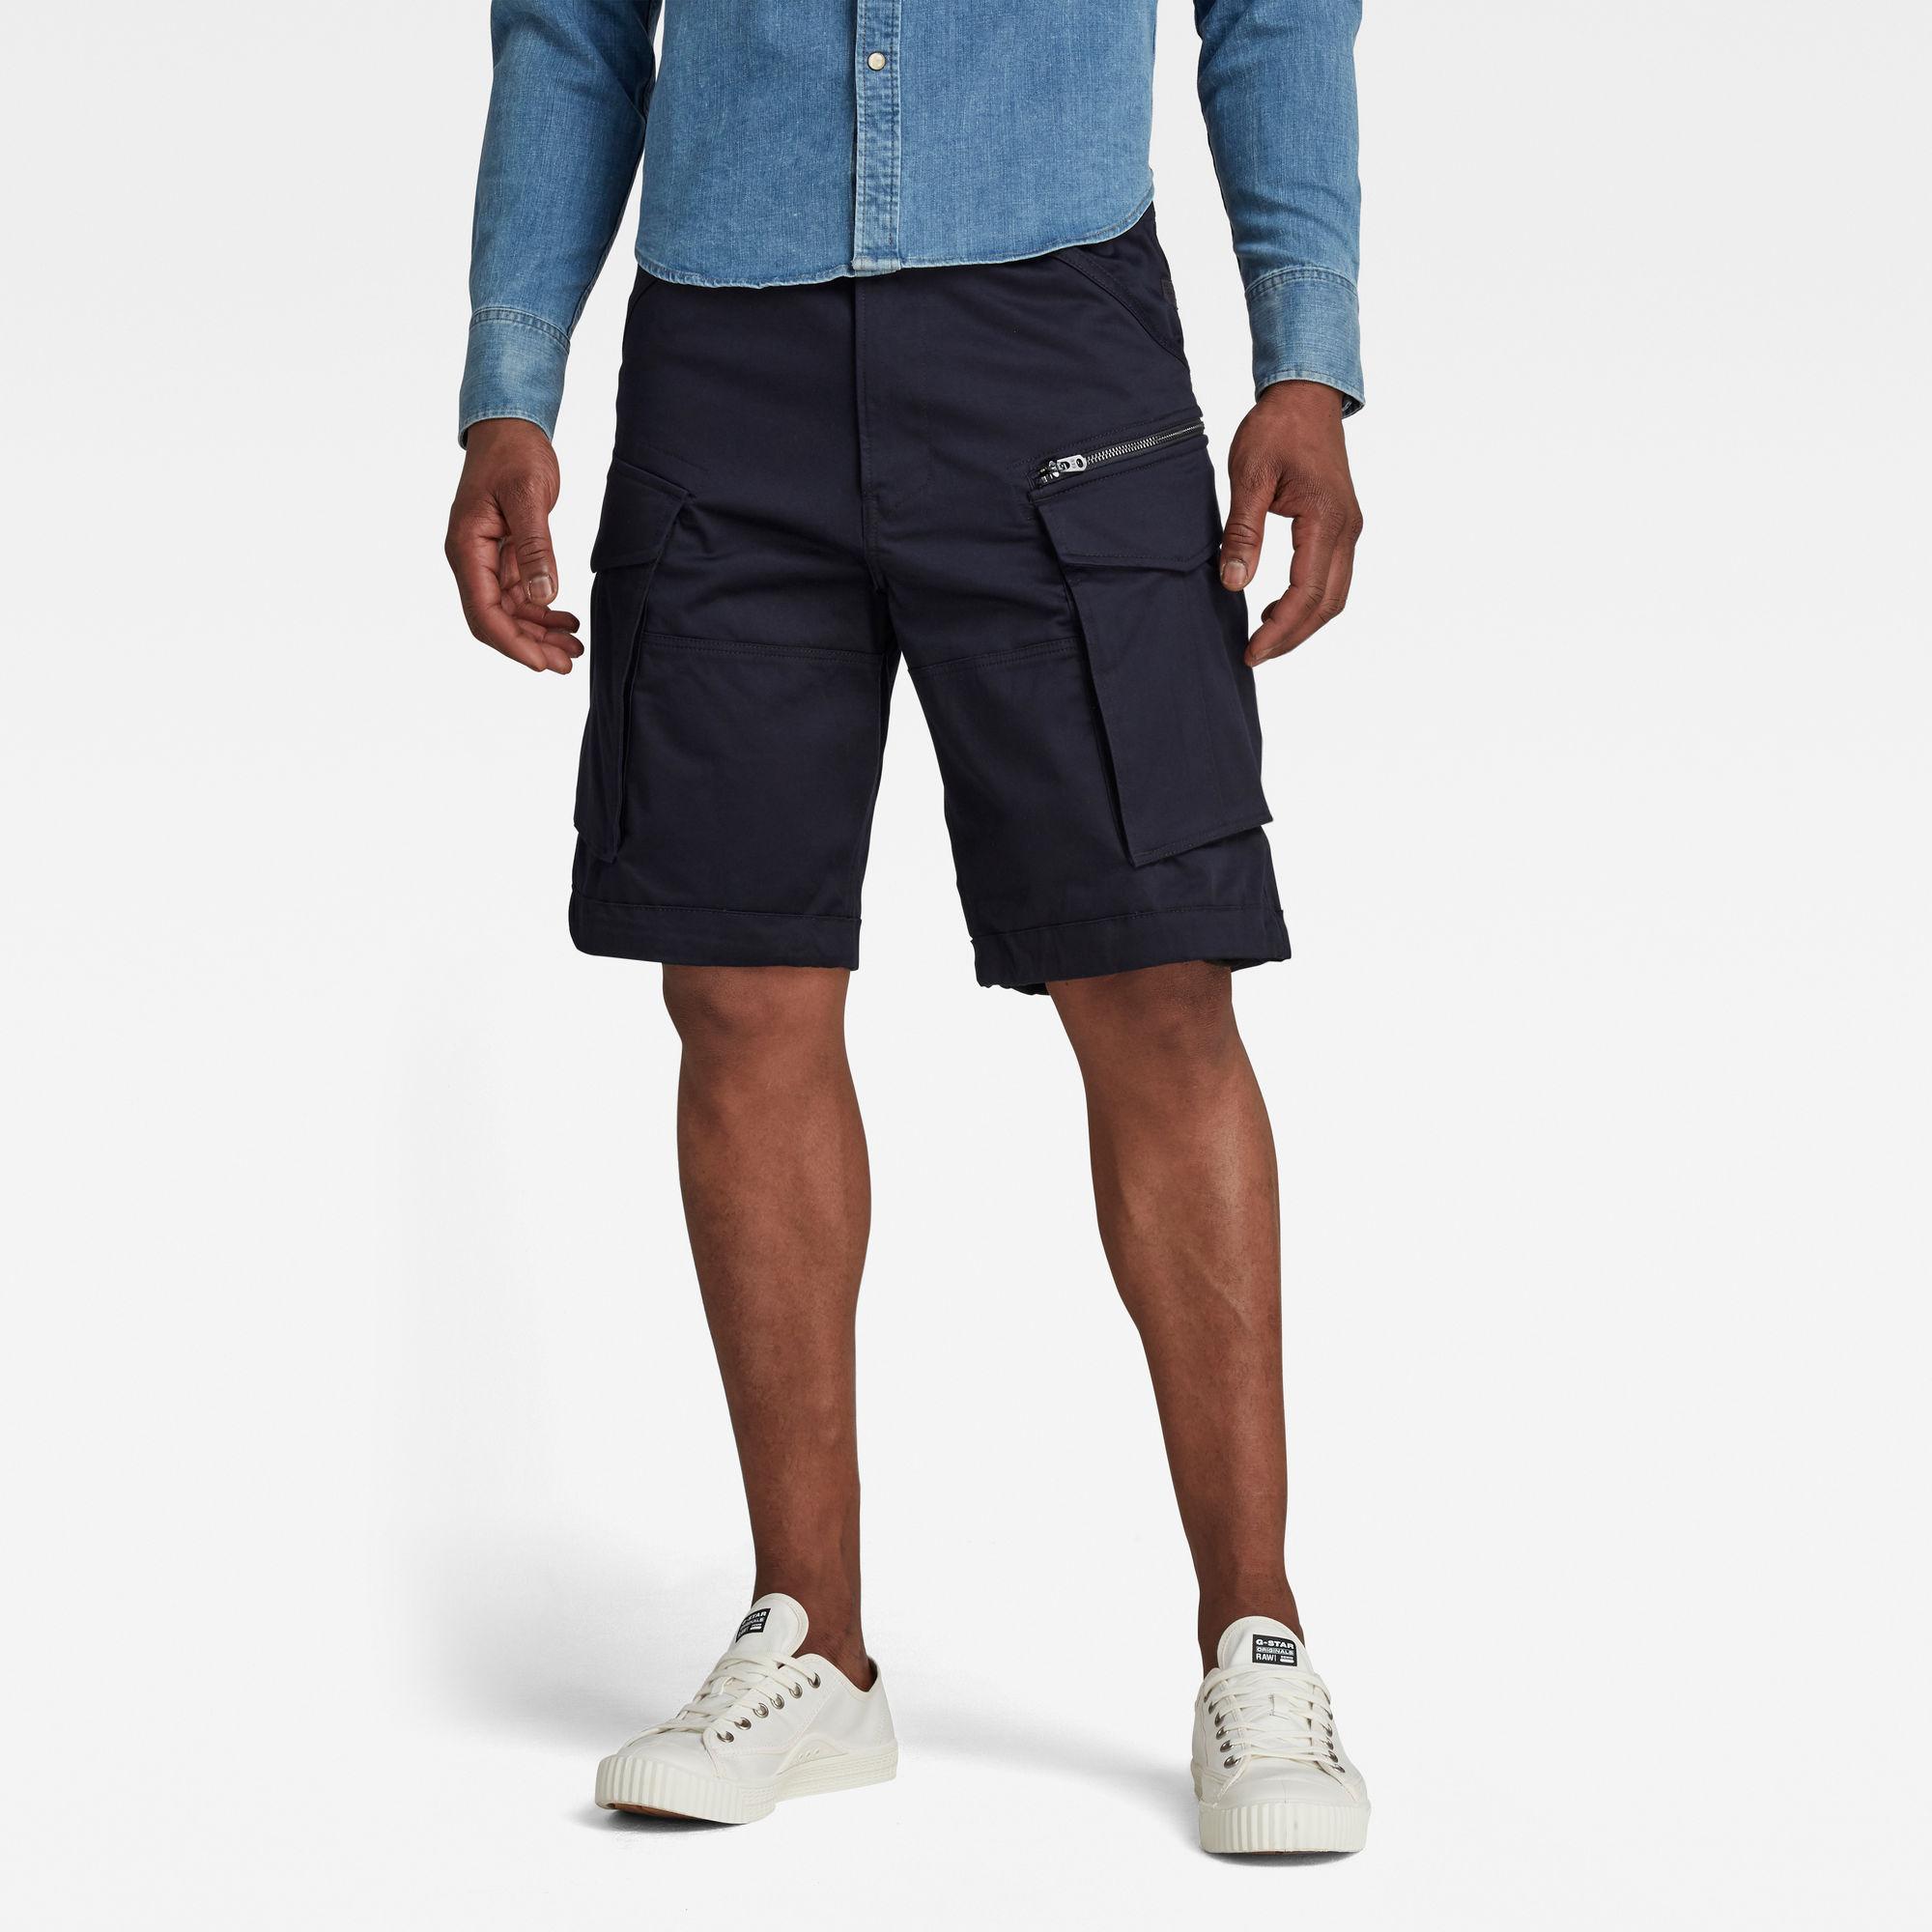 Rovic Zip Loose 1 2-Length Shorts